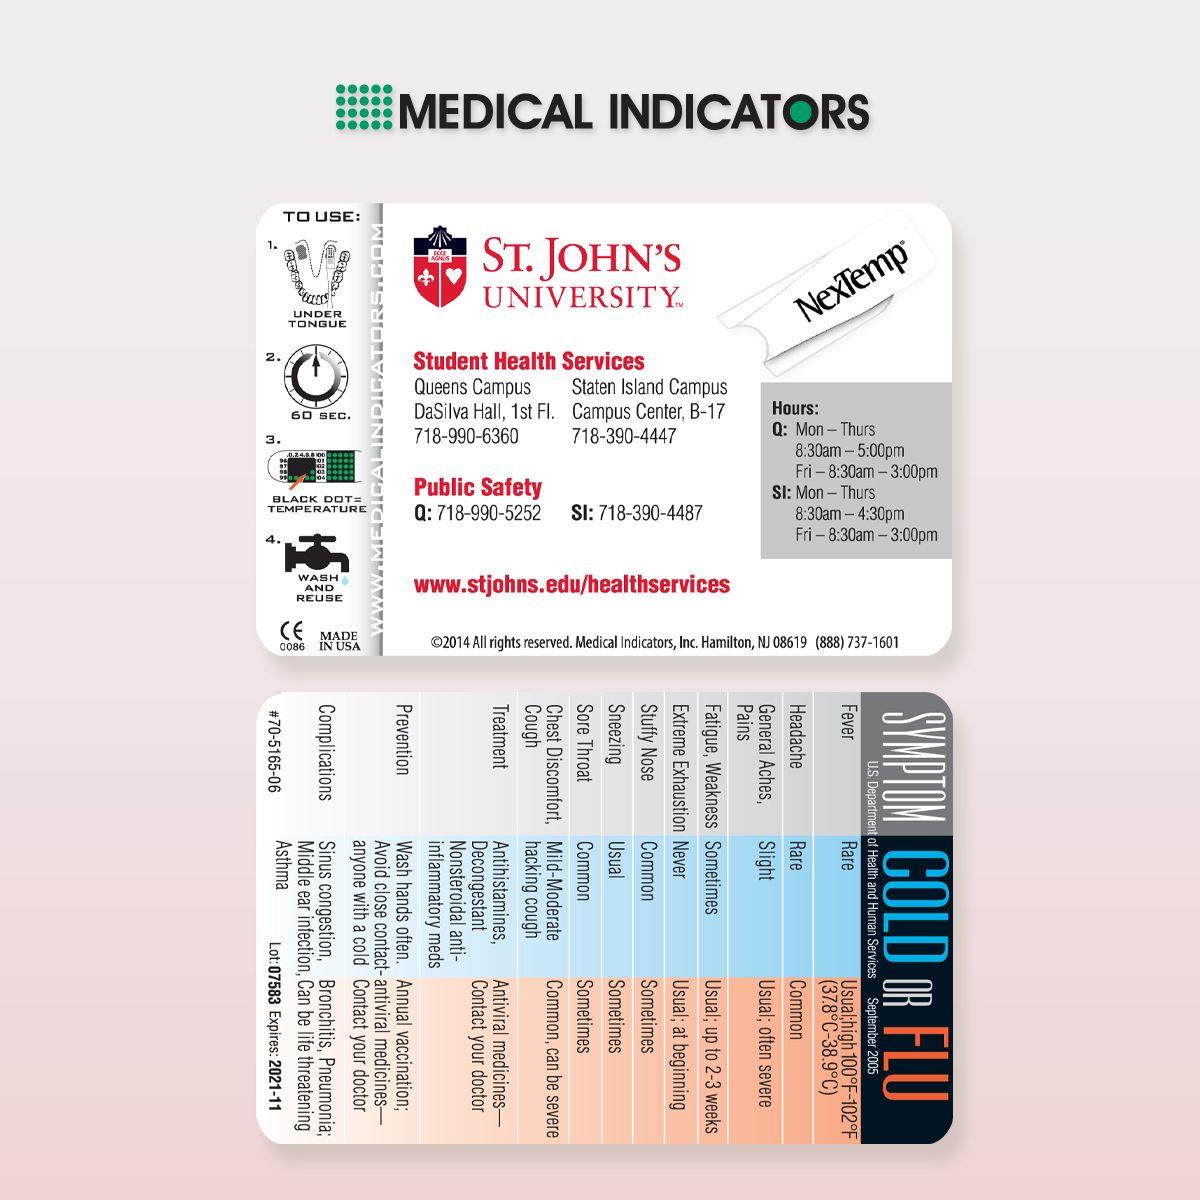 we created a custom nextemp card for st john's university